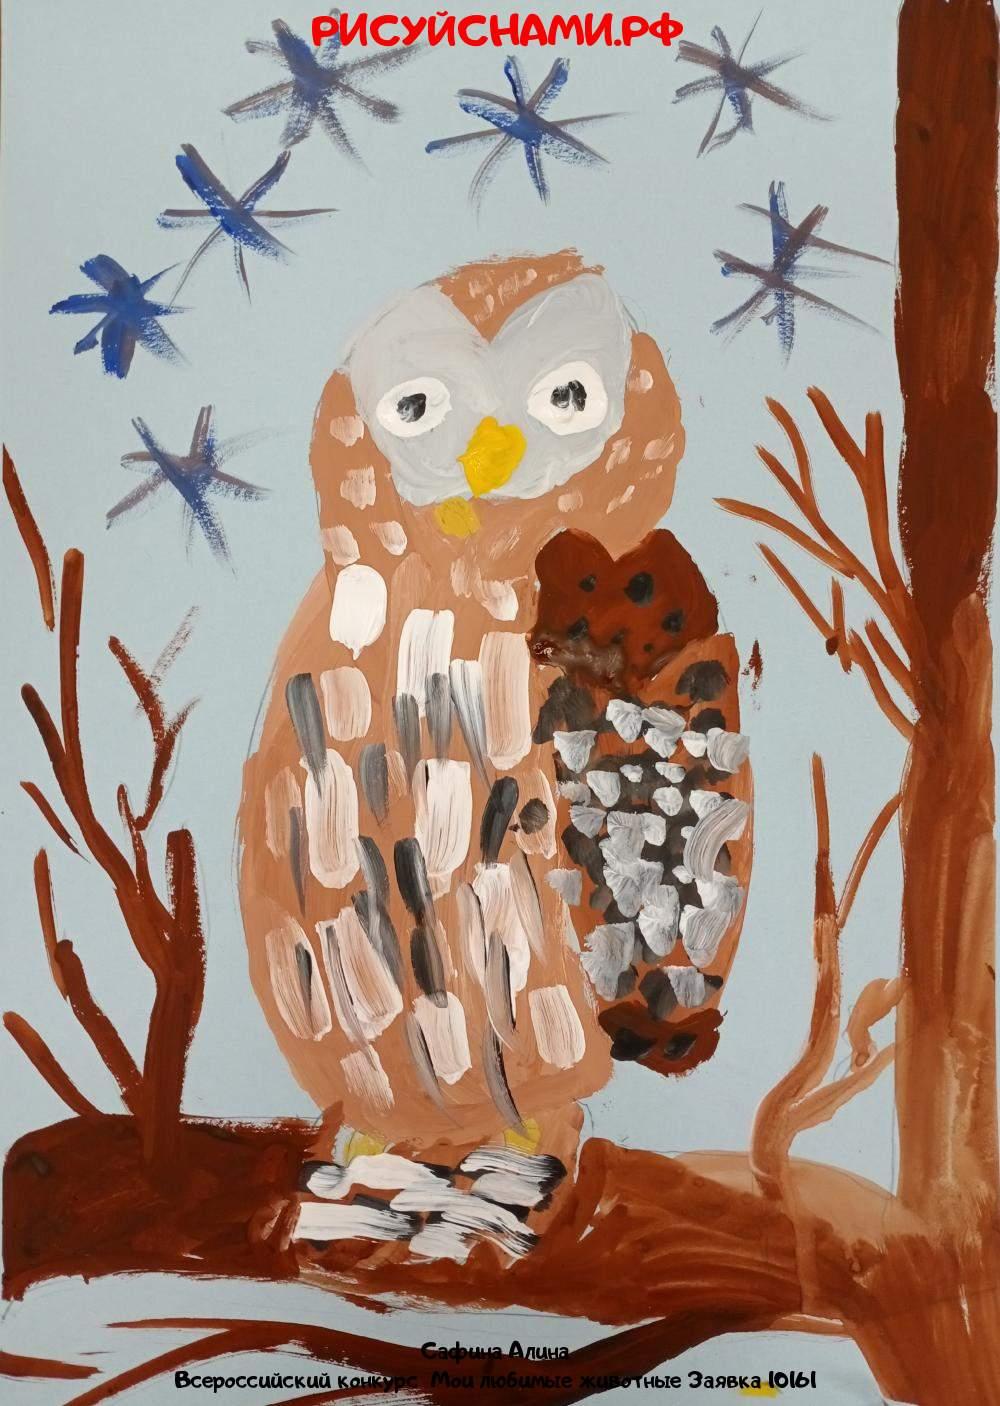 Всероссийский конкурс  Мои любимые животные Заявка 10161  творческие конкурсы рисунков для школьников и дошкольников рисуй с нами #тмрисуйснами рисунок и поделка - Сафина Алина